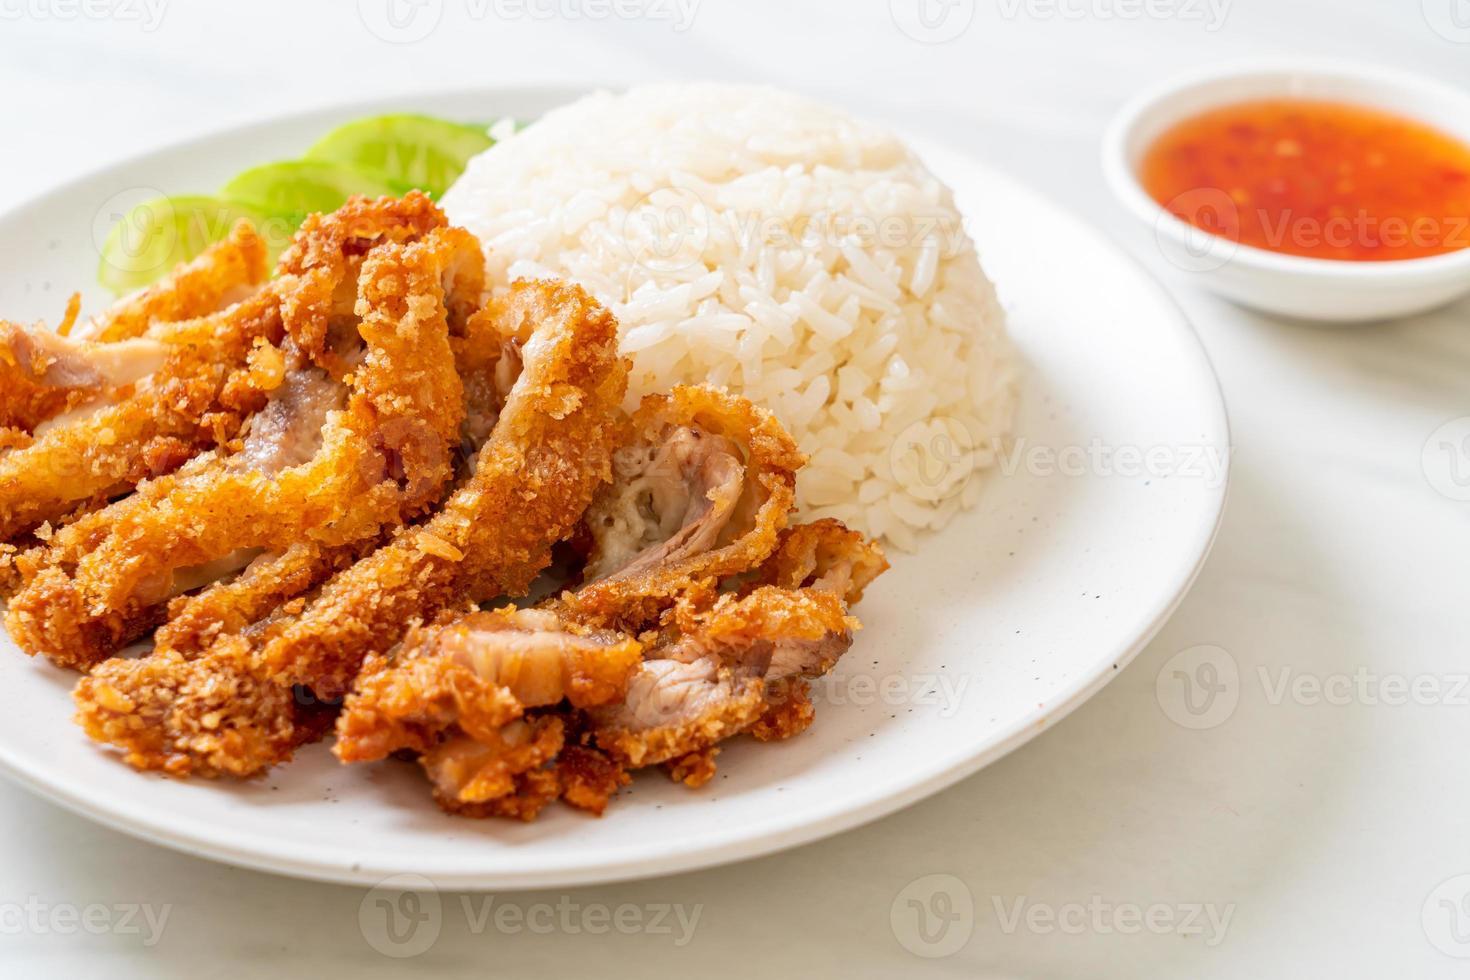 arroz de frango hainanese com frango frito foto